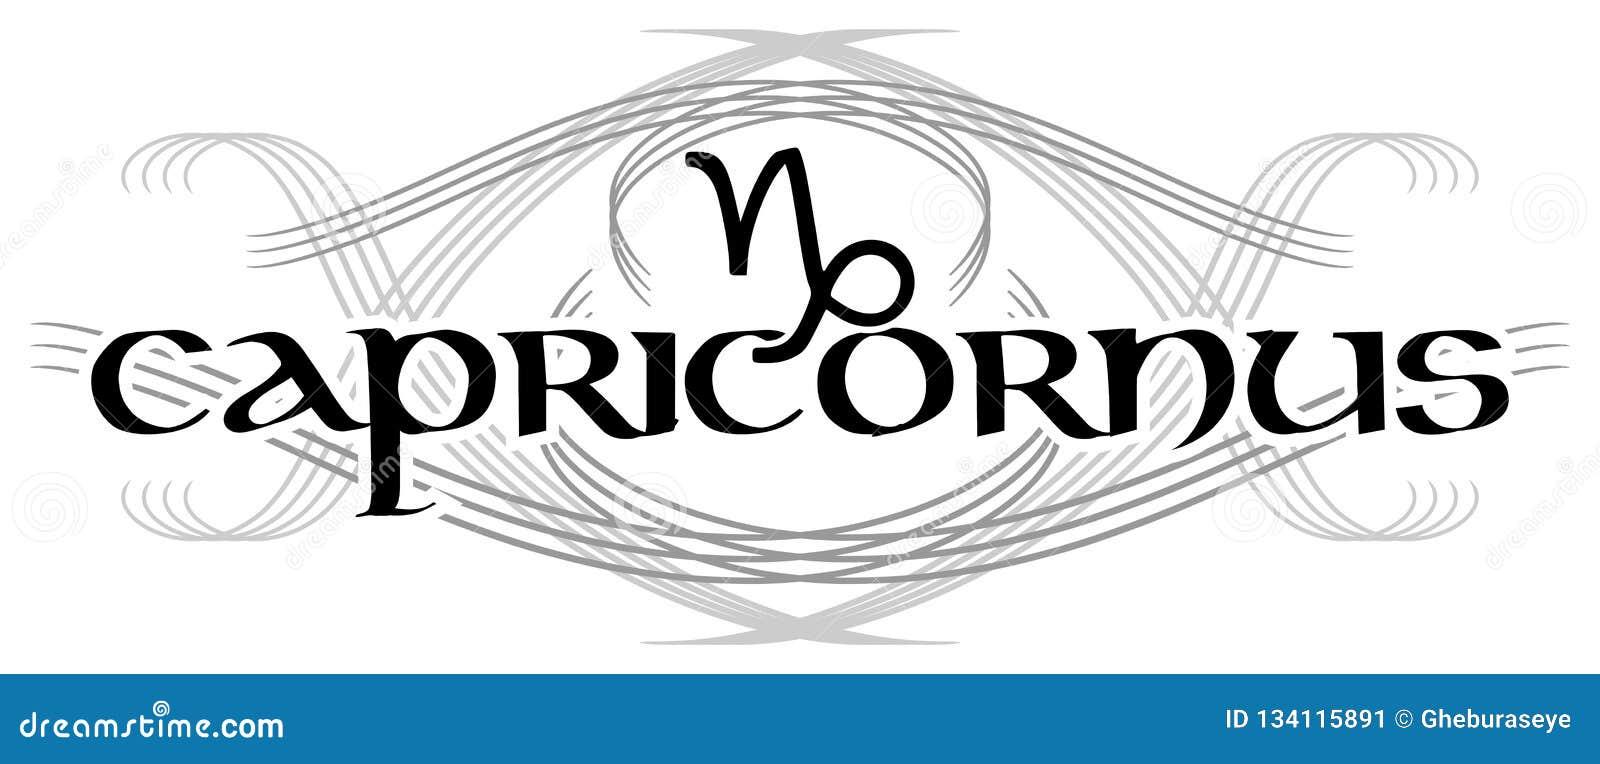 Black and white word capricornus tattoo isolated